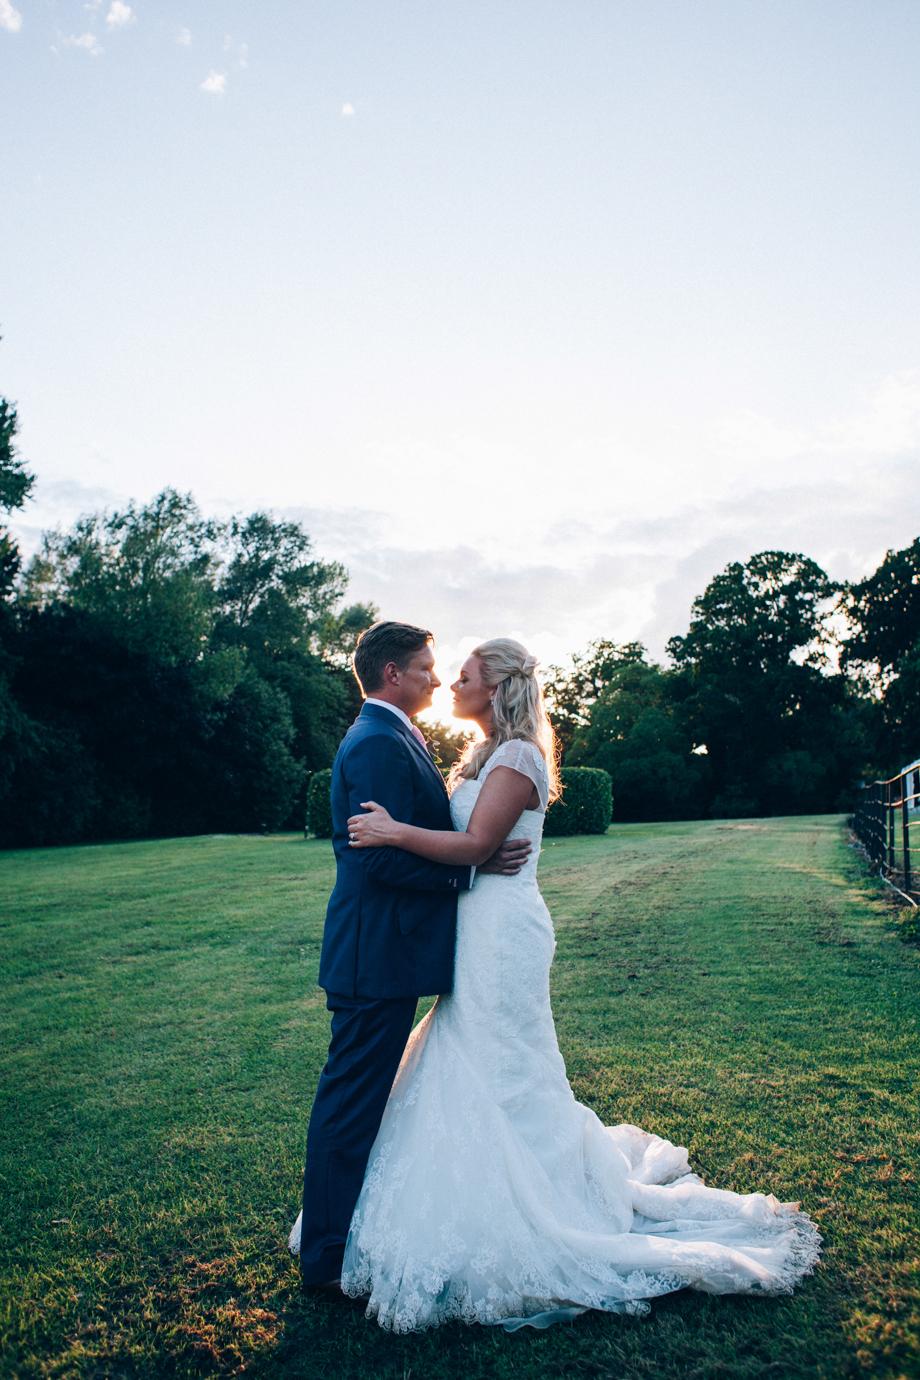 Creative-Wedding-Photographer-Northampton-70